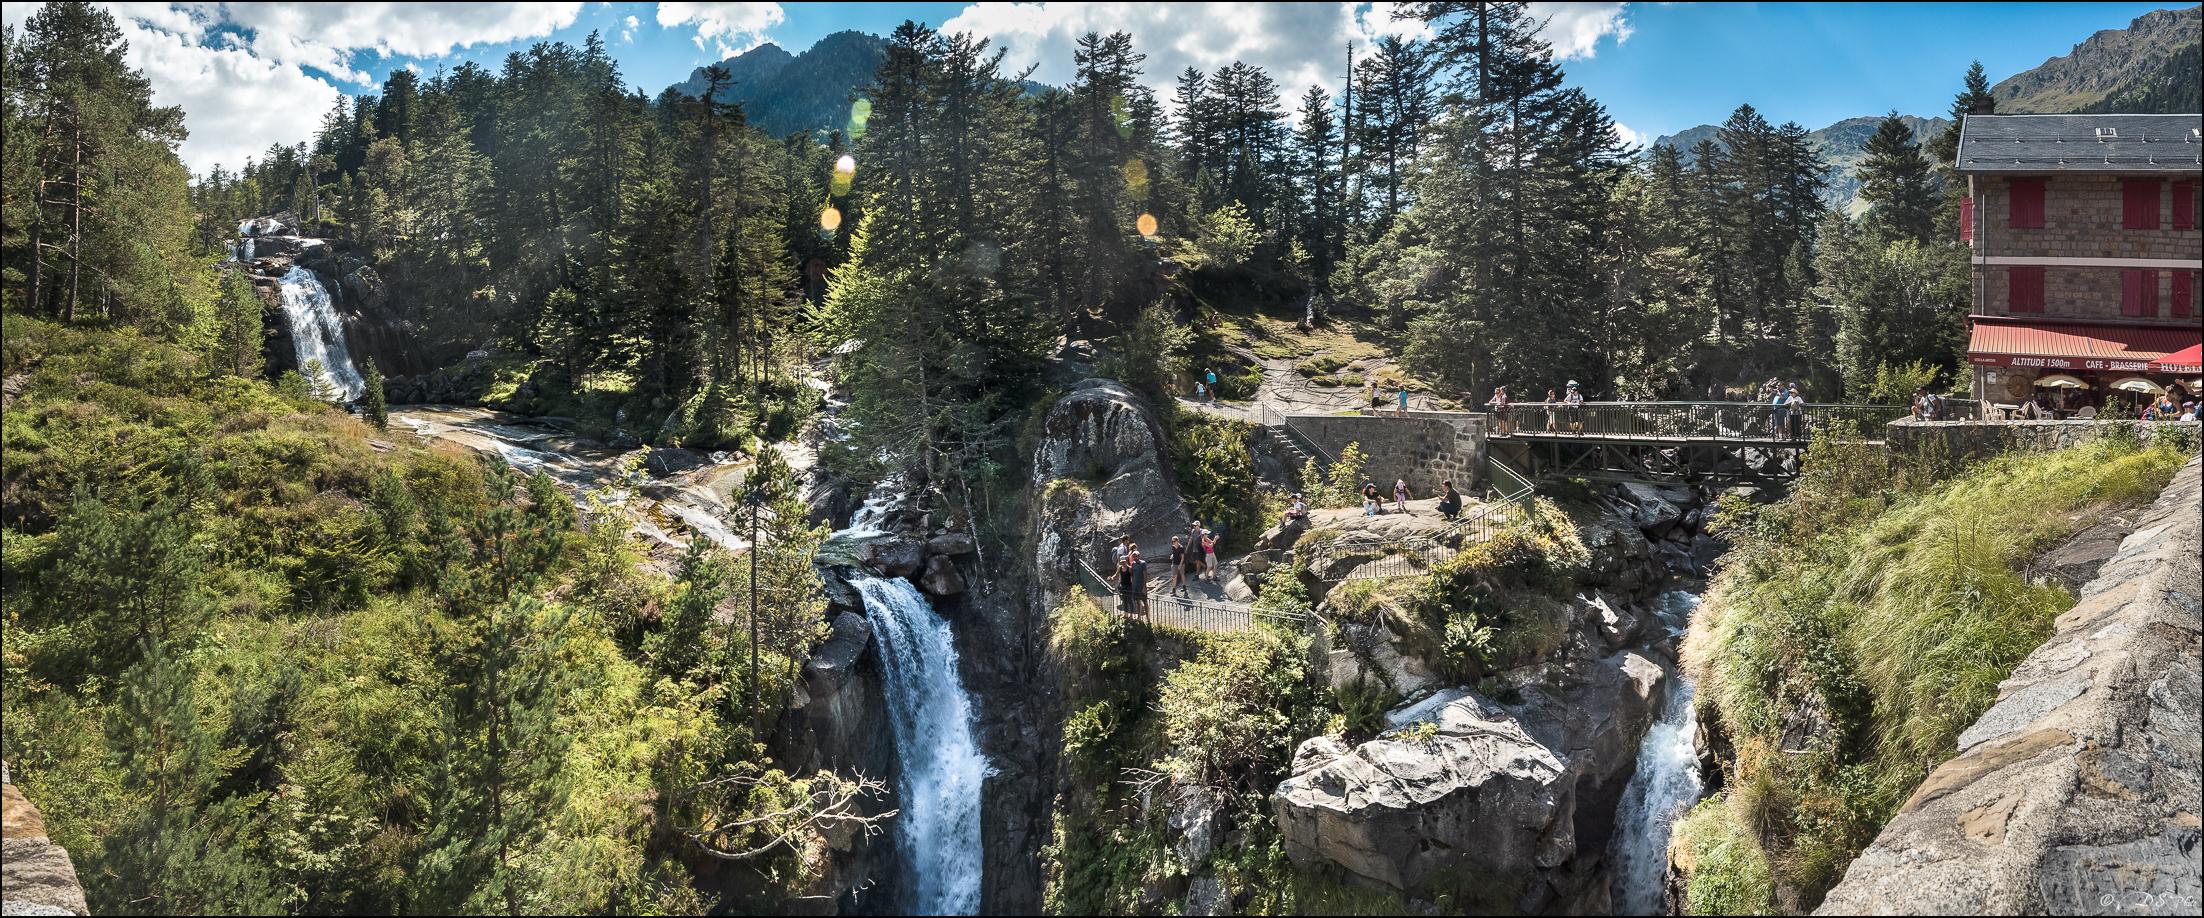 Balade au Pont d'Espagne et Lac de Gaube - Hautes-Pyrénées 20180301140125-2e635a94